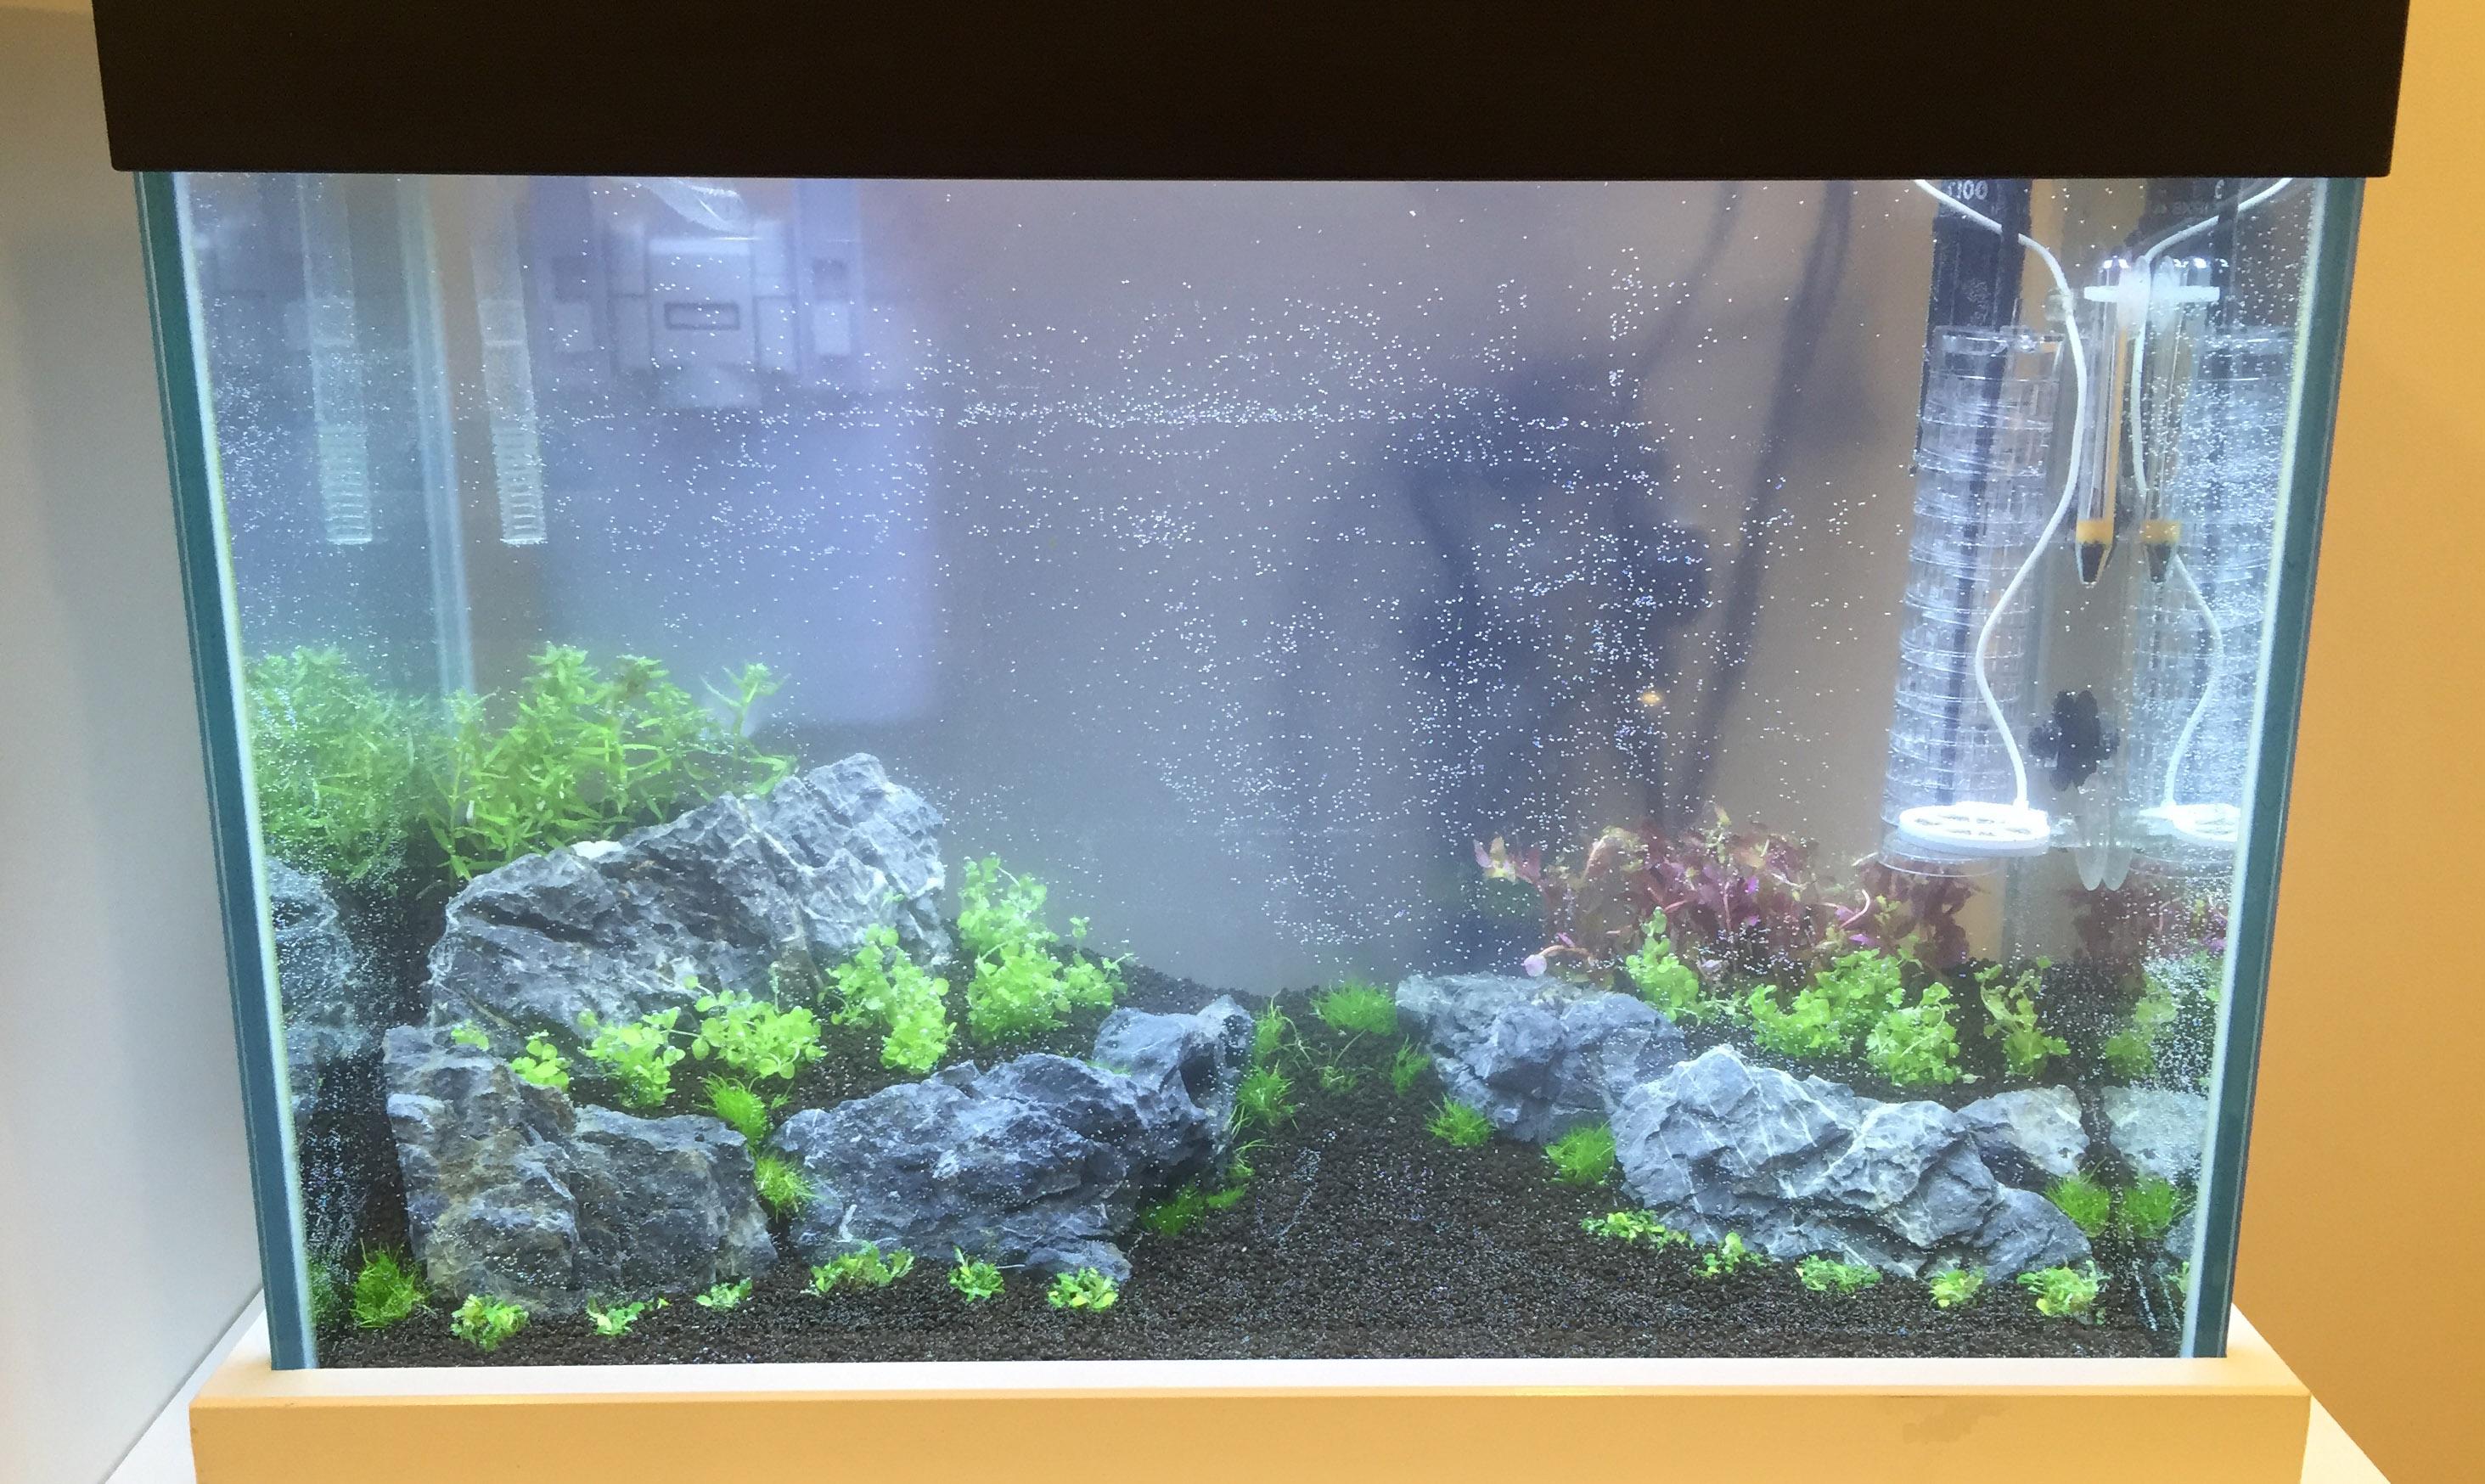 Einlaufphase aquarium seite 2 aquascaping einsteiger for Aquarium einsteiger